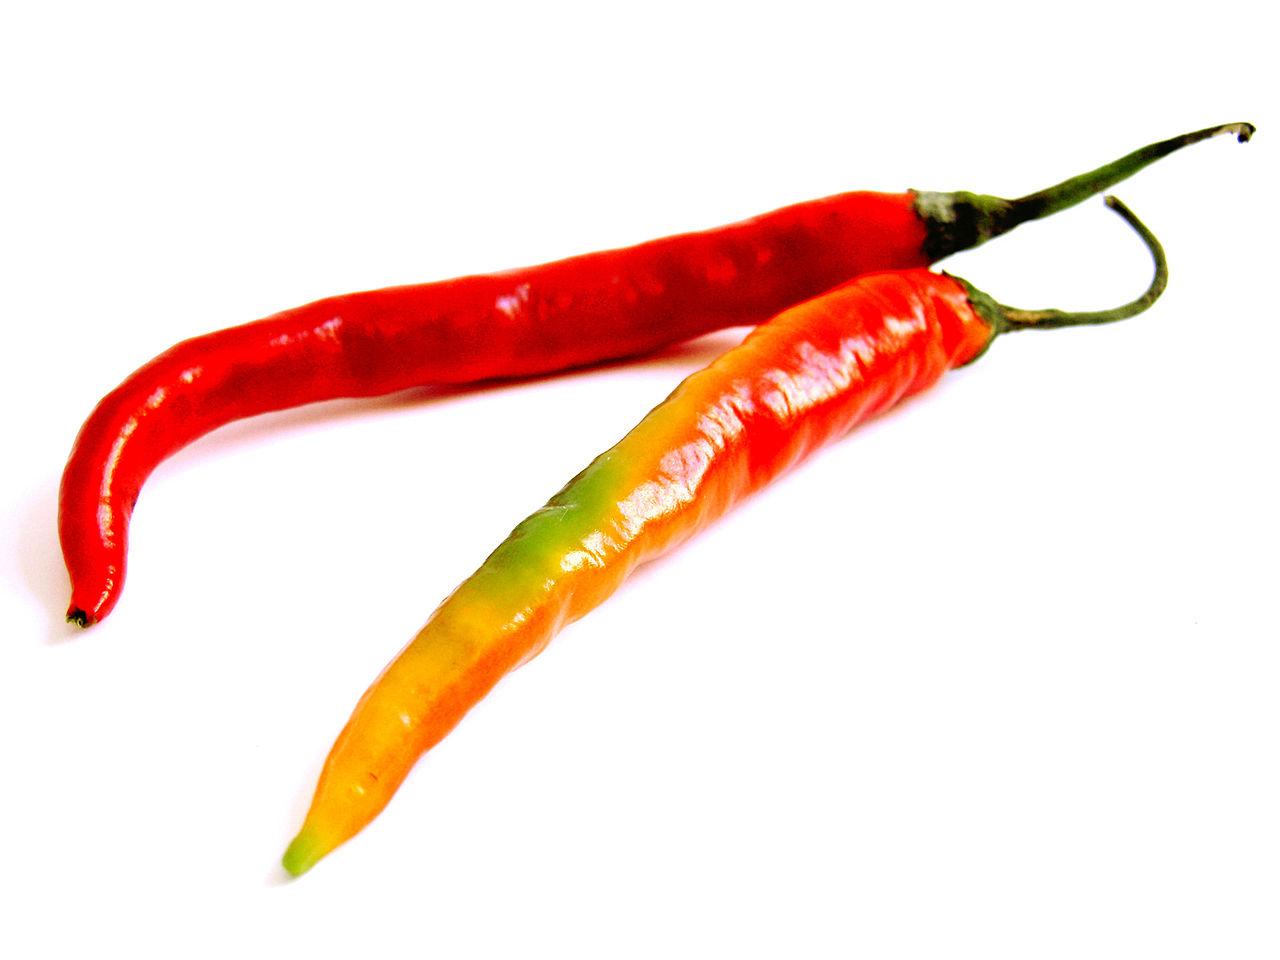 Название перца врусском языке созвучно сназванием страны Чили, однако происходит от «chilli» из астекских (ацтекских) языков науатль (современная Мексика) ипереводится как «красный».